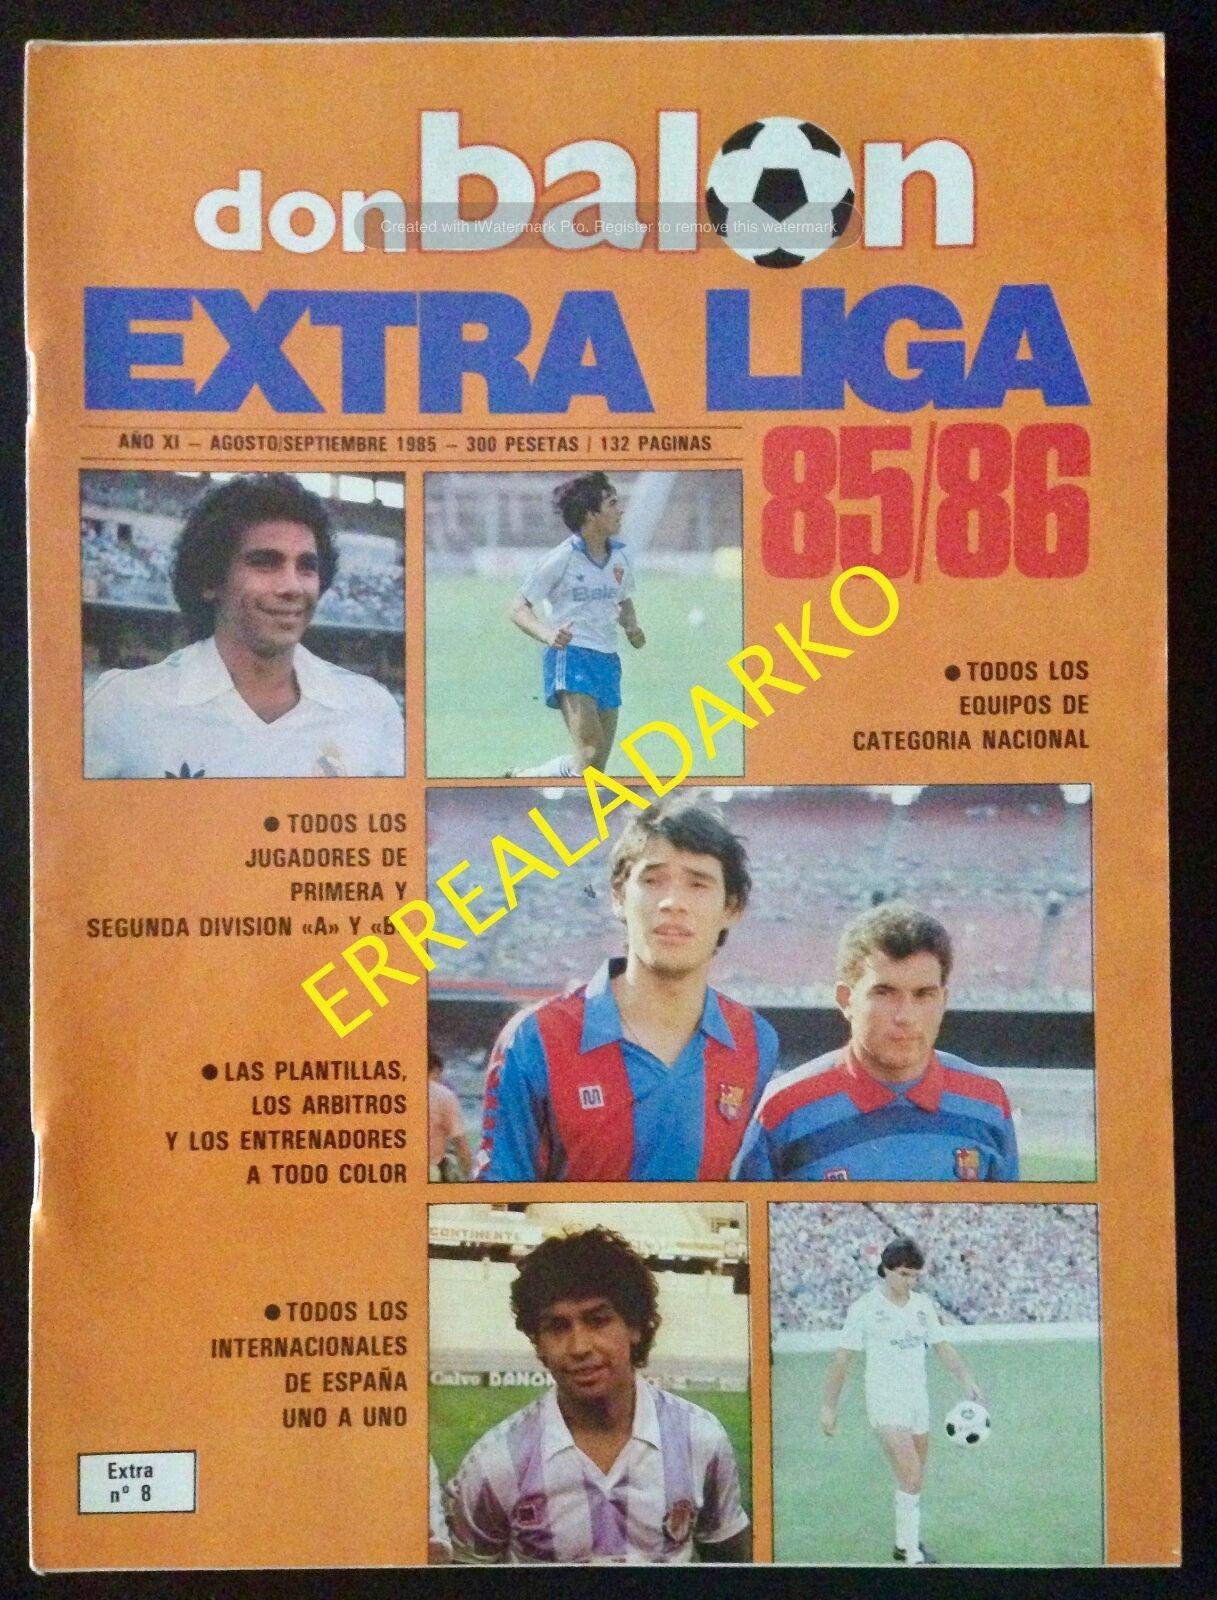 DON BALON EXTRA LIGA 85-86 1985-1986 FUTBOL LIGA ESPAÑA